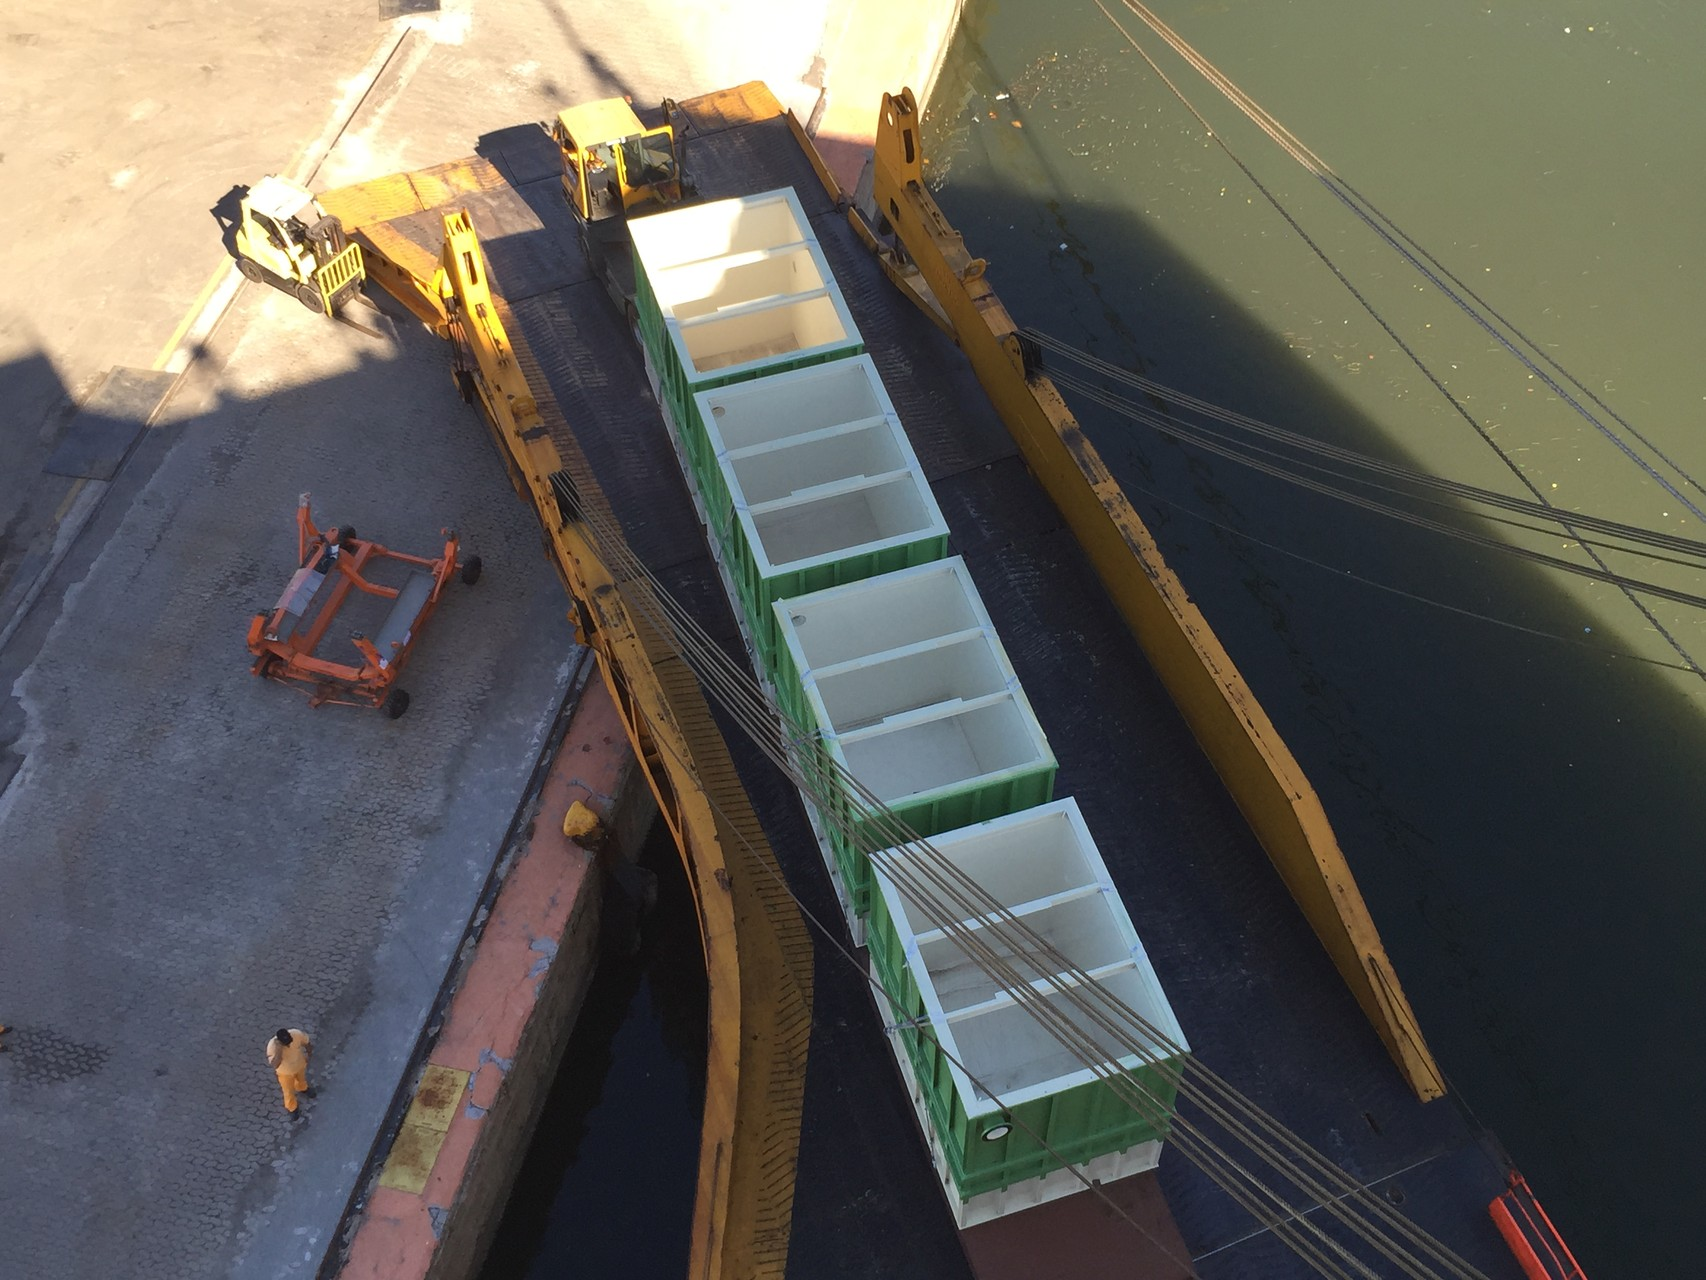 Riesige Container und Waren werden aus dem Schiffsrumpf gefahren